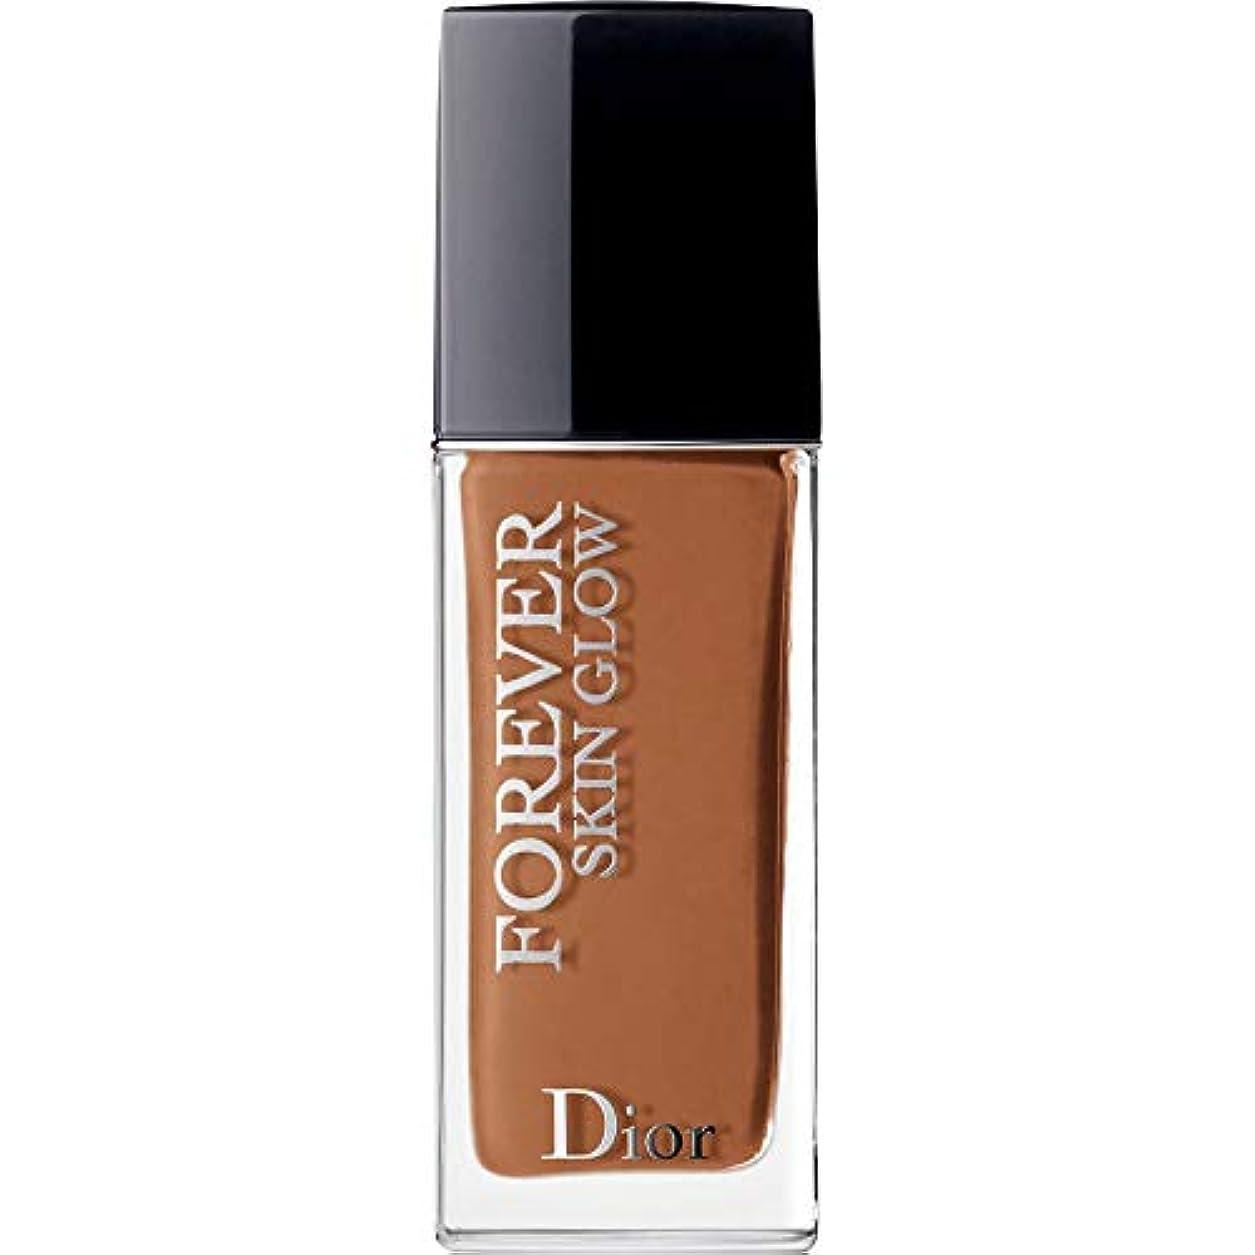 ドア大使シンポジウム[Dior ] ディオール永遠に皮膚グロー皮膚思いやりの基礎Spf35 30ミリリットルの6N - ニュートラル(肌の輝き) - DIOR Forever Skin Glow Skin-Caring Foundation...